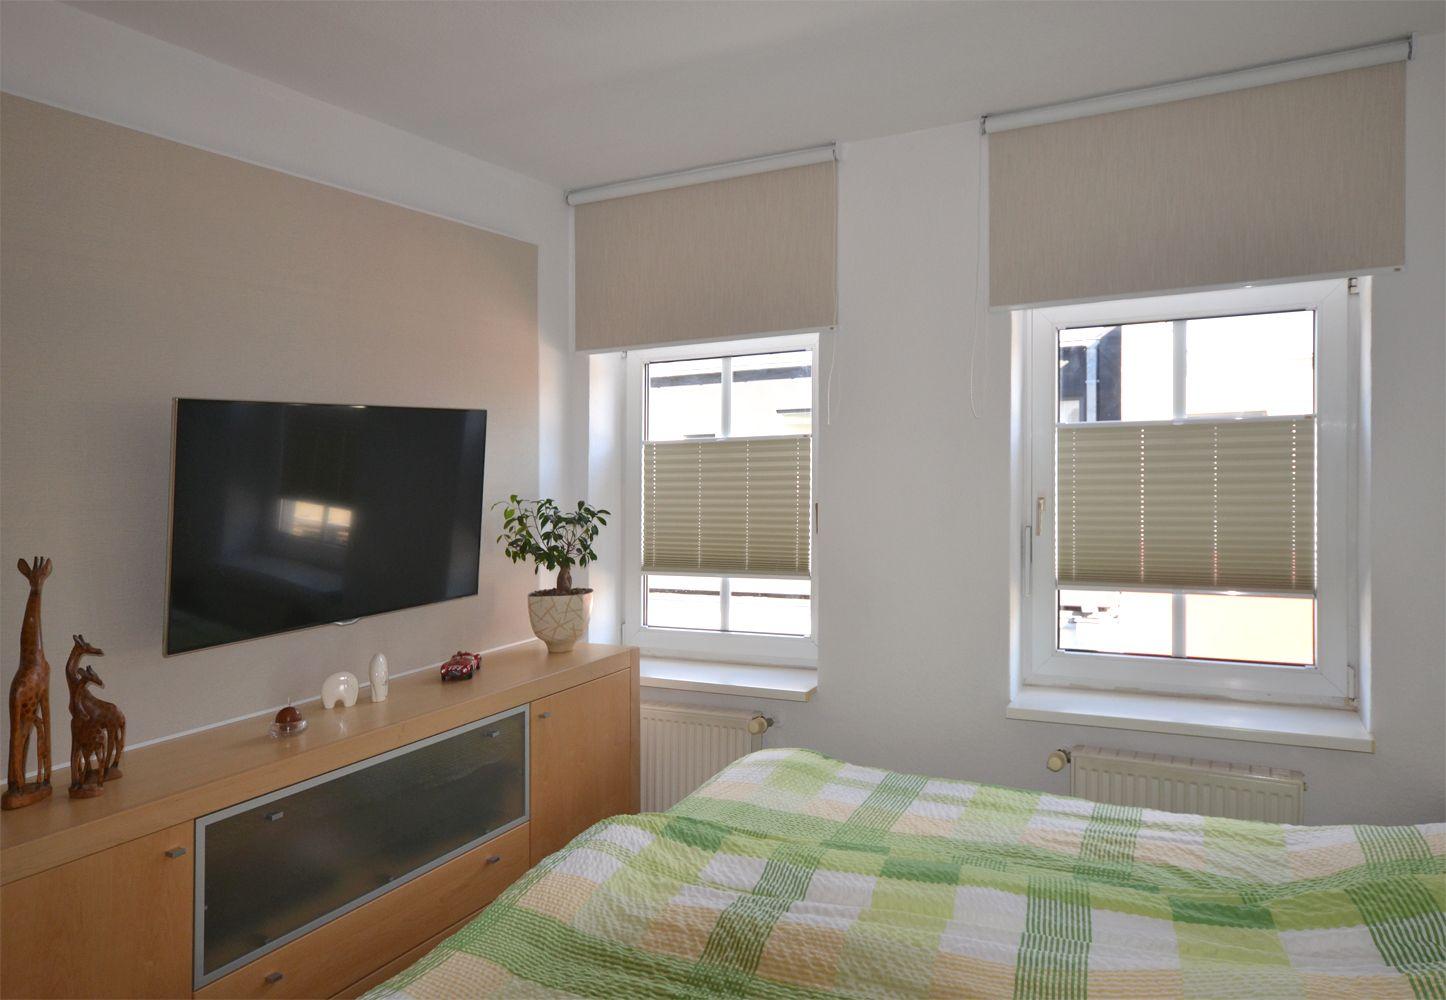 Rollo Schlafzimmer | Rollos Oder ähnliches Für Fenster In Der ...